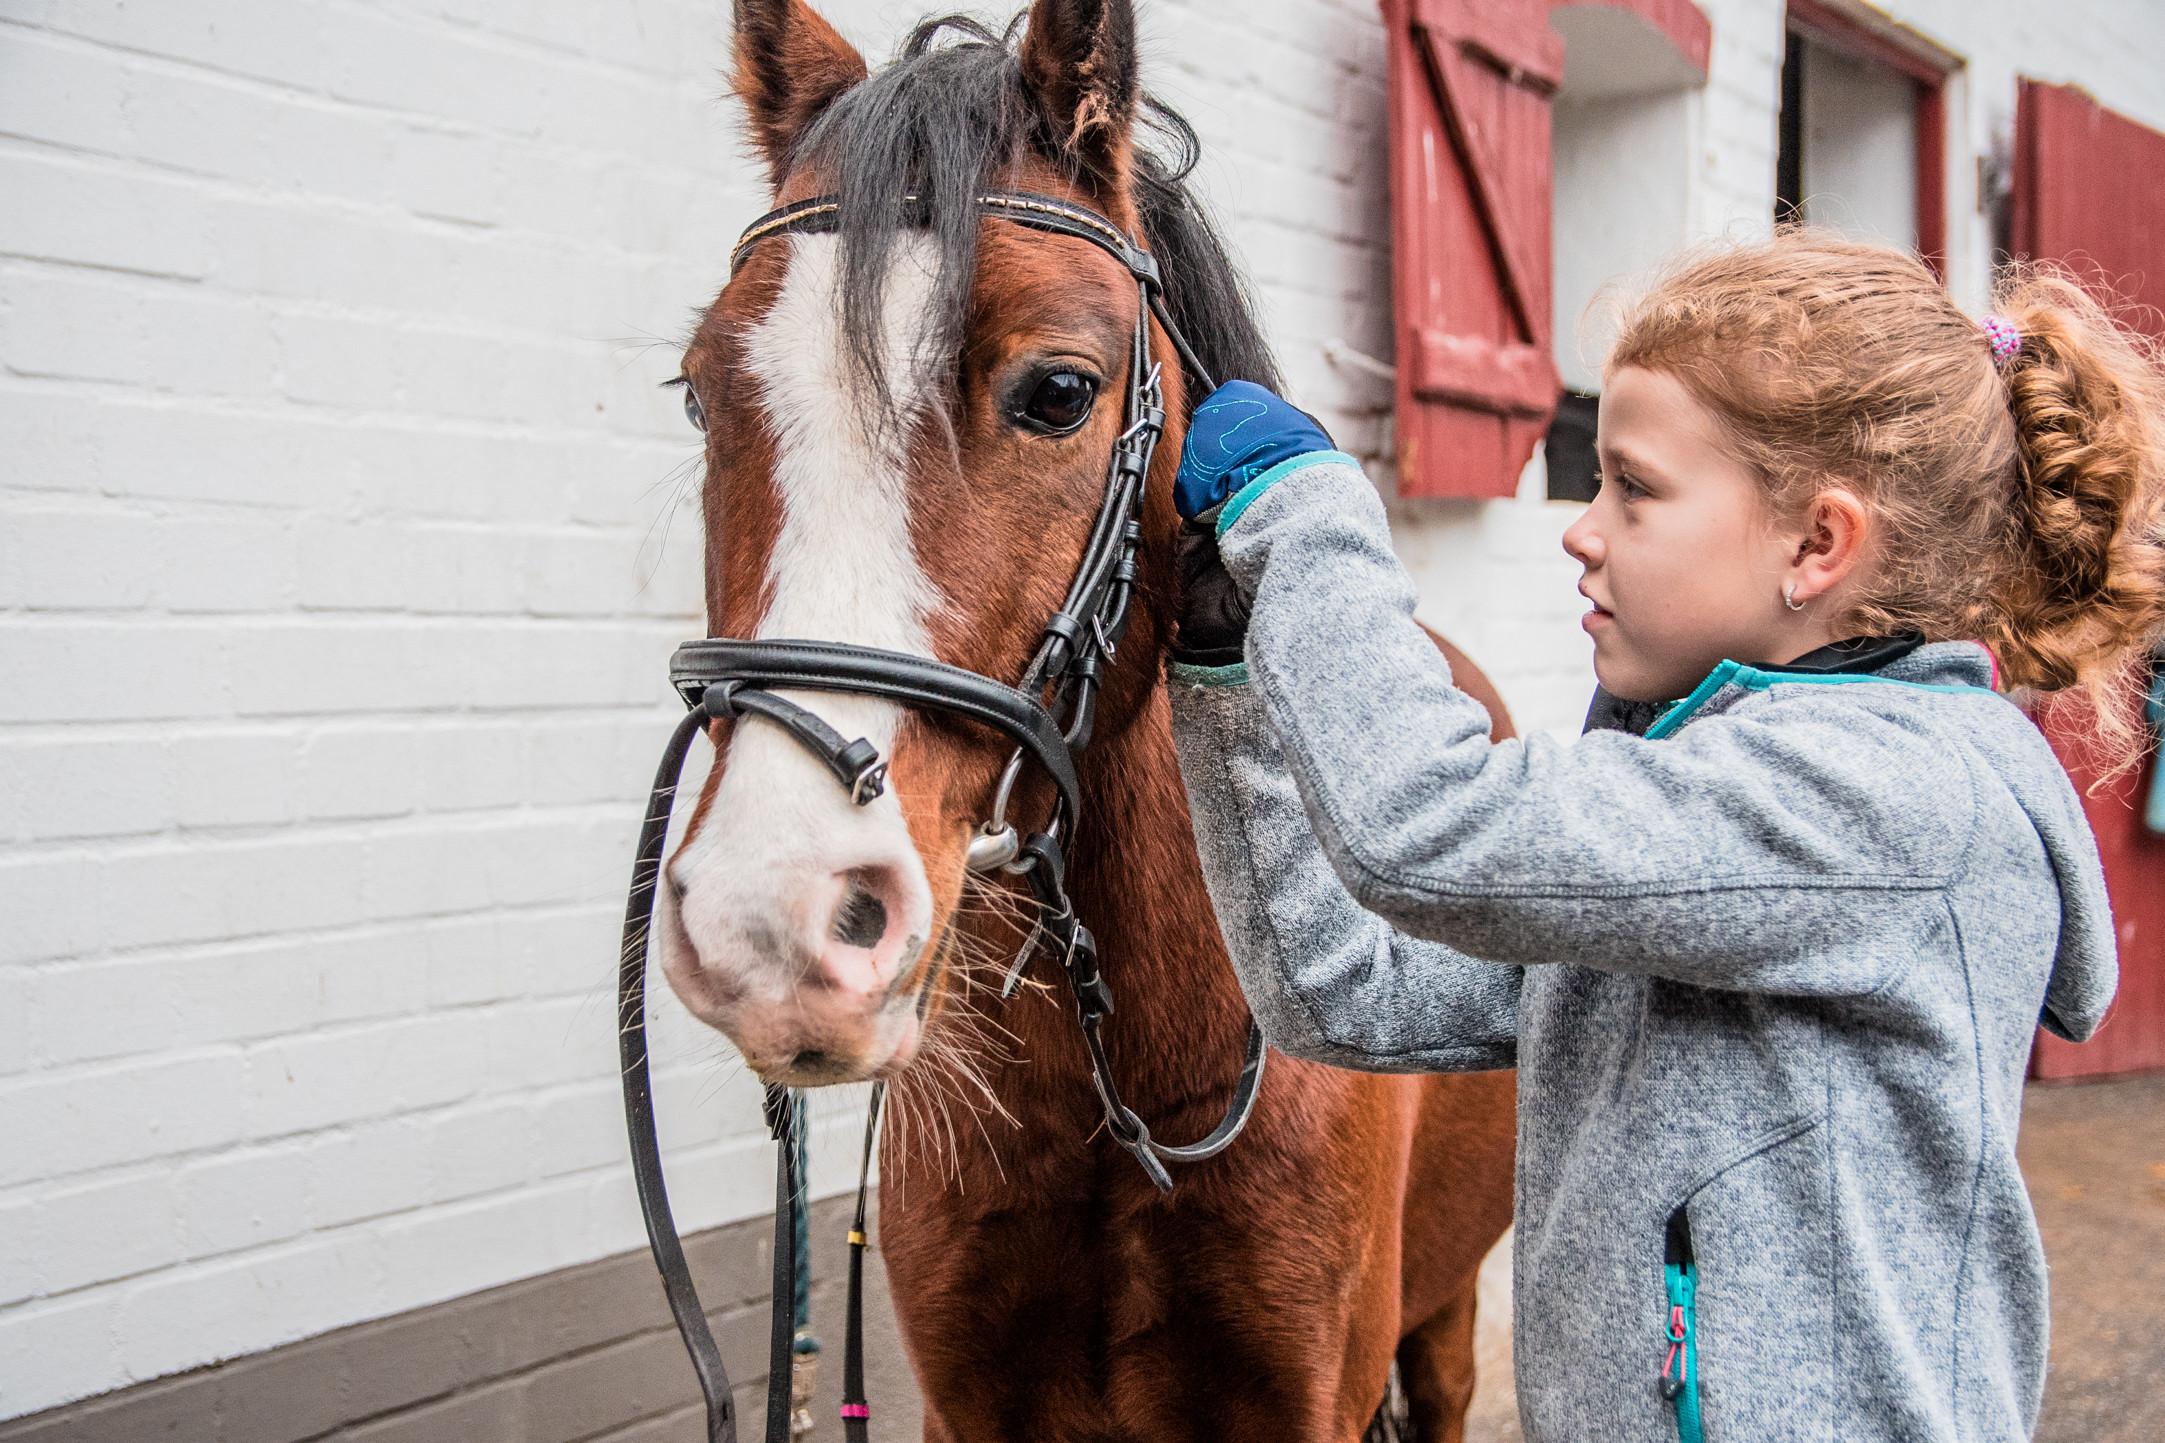 Pferdeführerschein Umgang Feb 2021